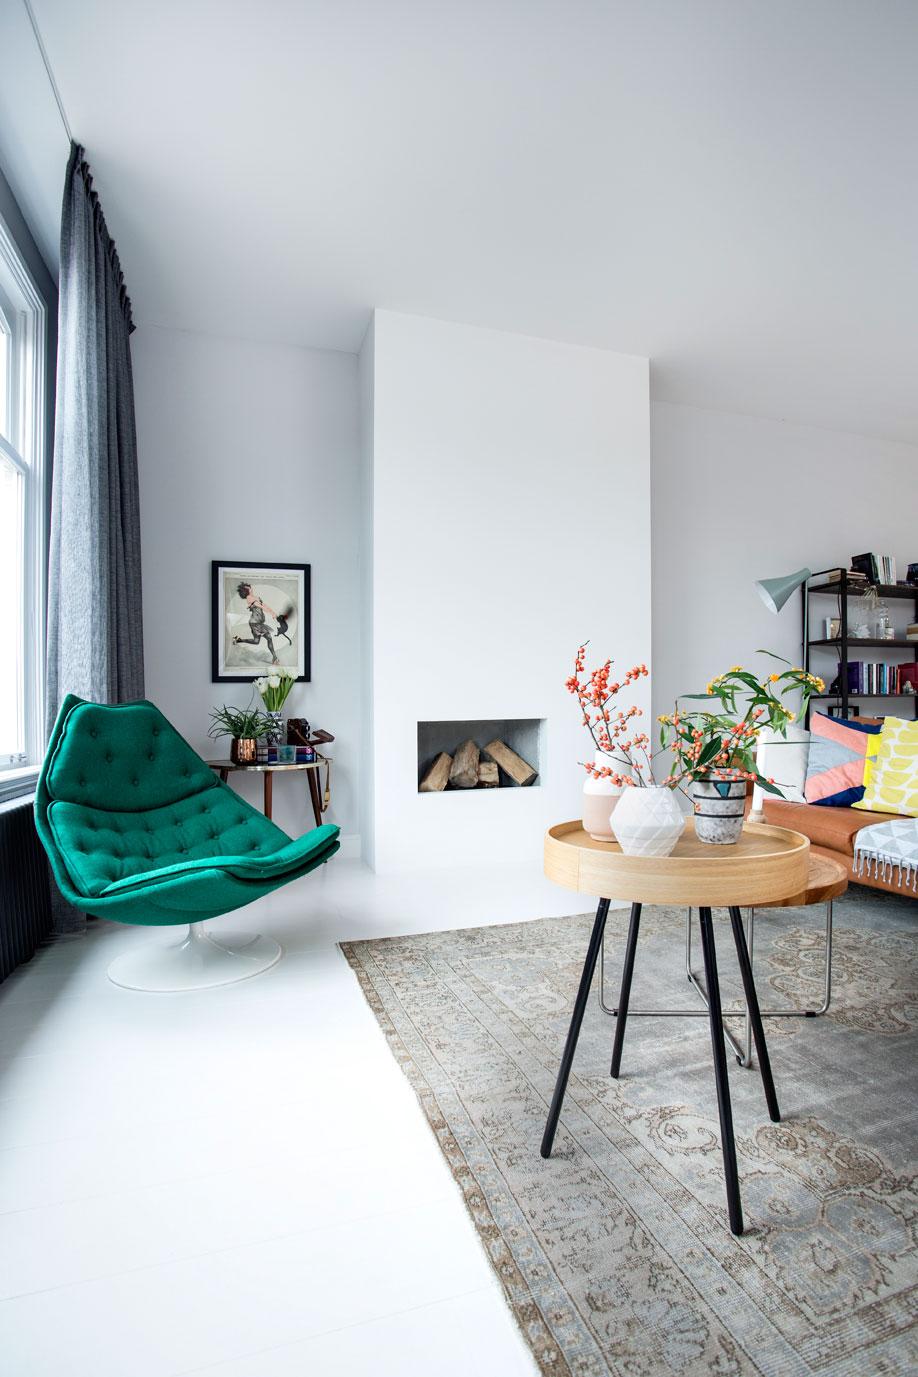 Come scegliere il tappeto giusto dalani magazine for Arredamento casa dalani